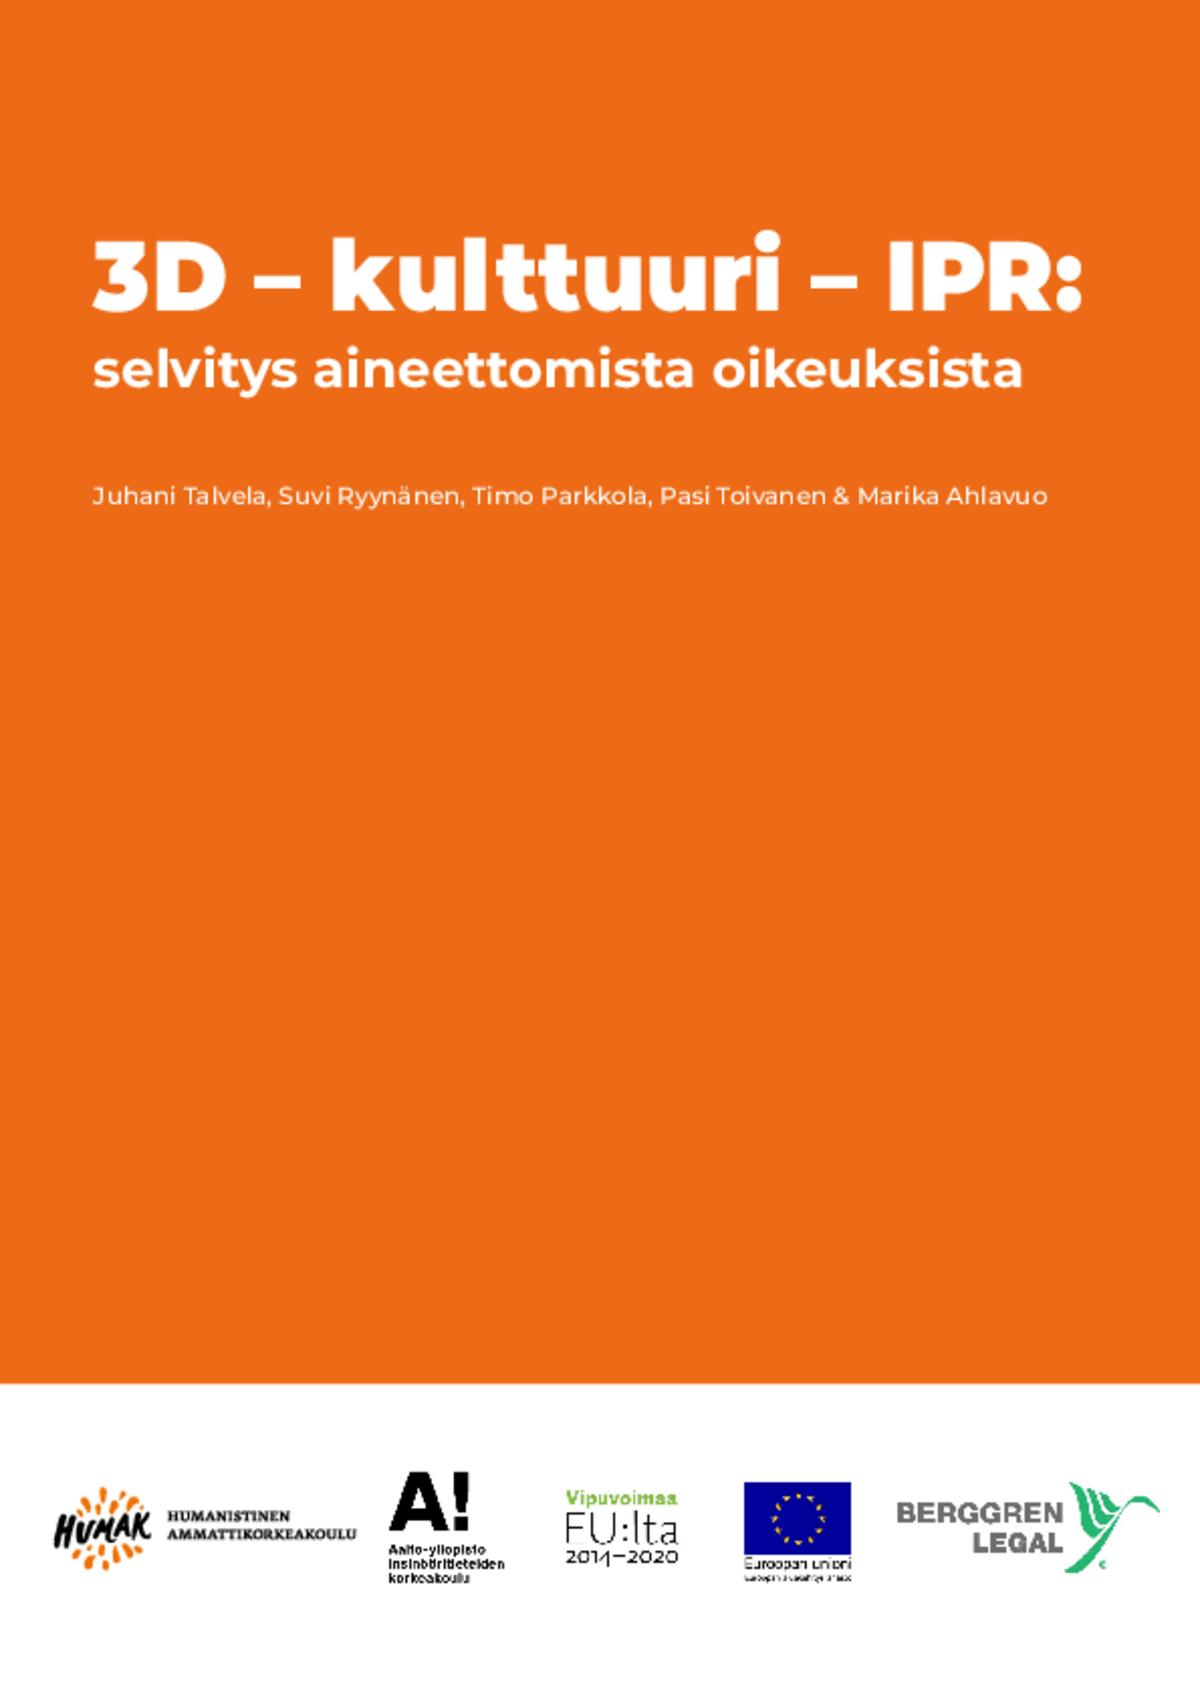 3D – kulttuuri – IPR: selvitys aineettomista oikeuksista